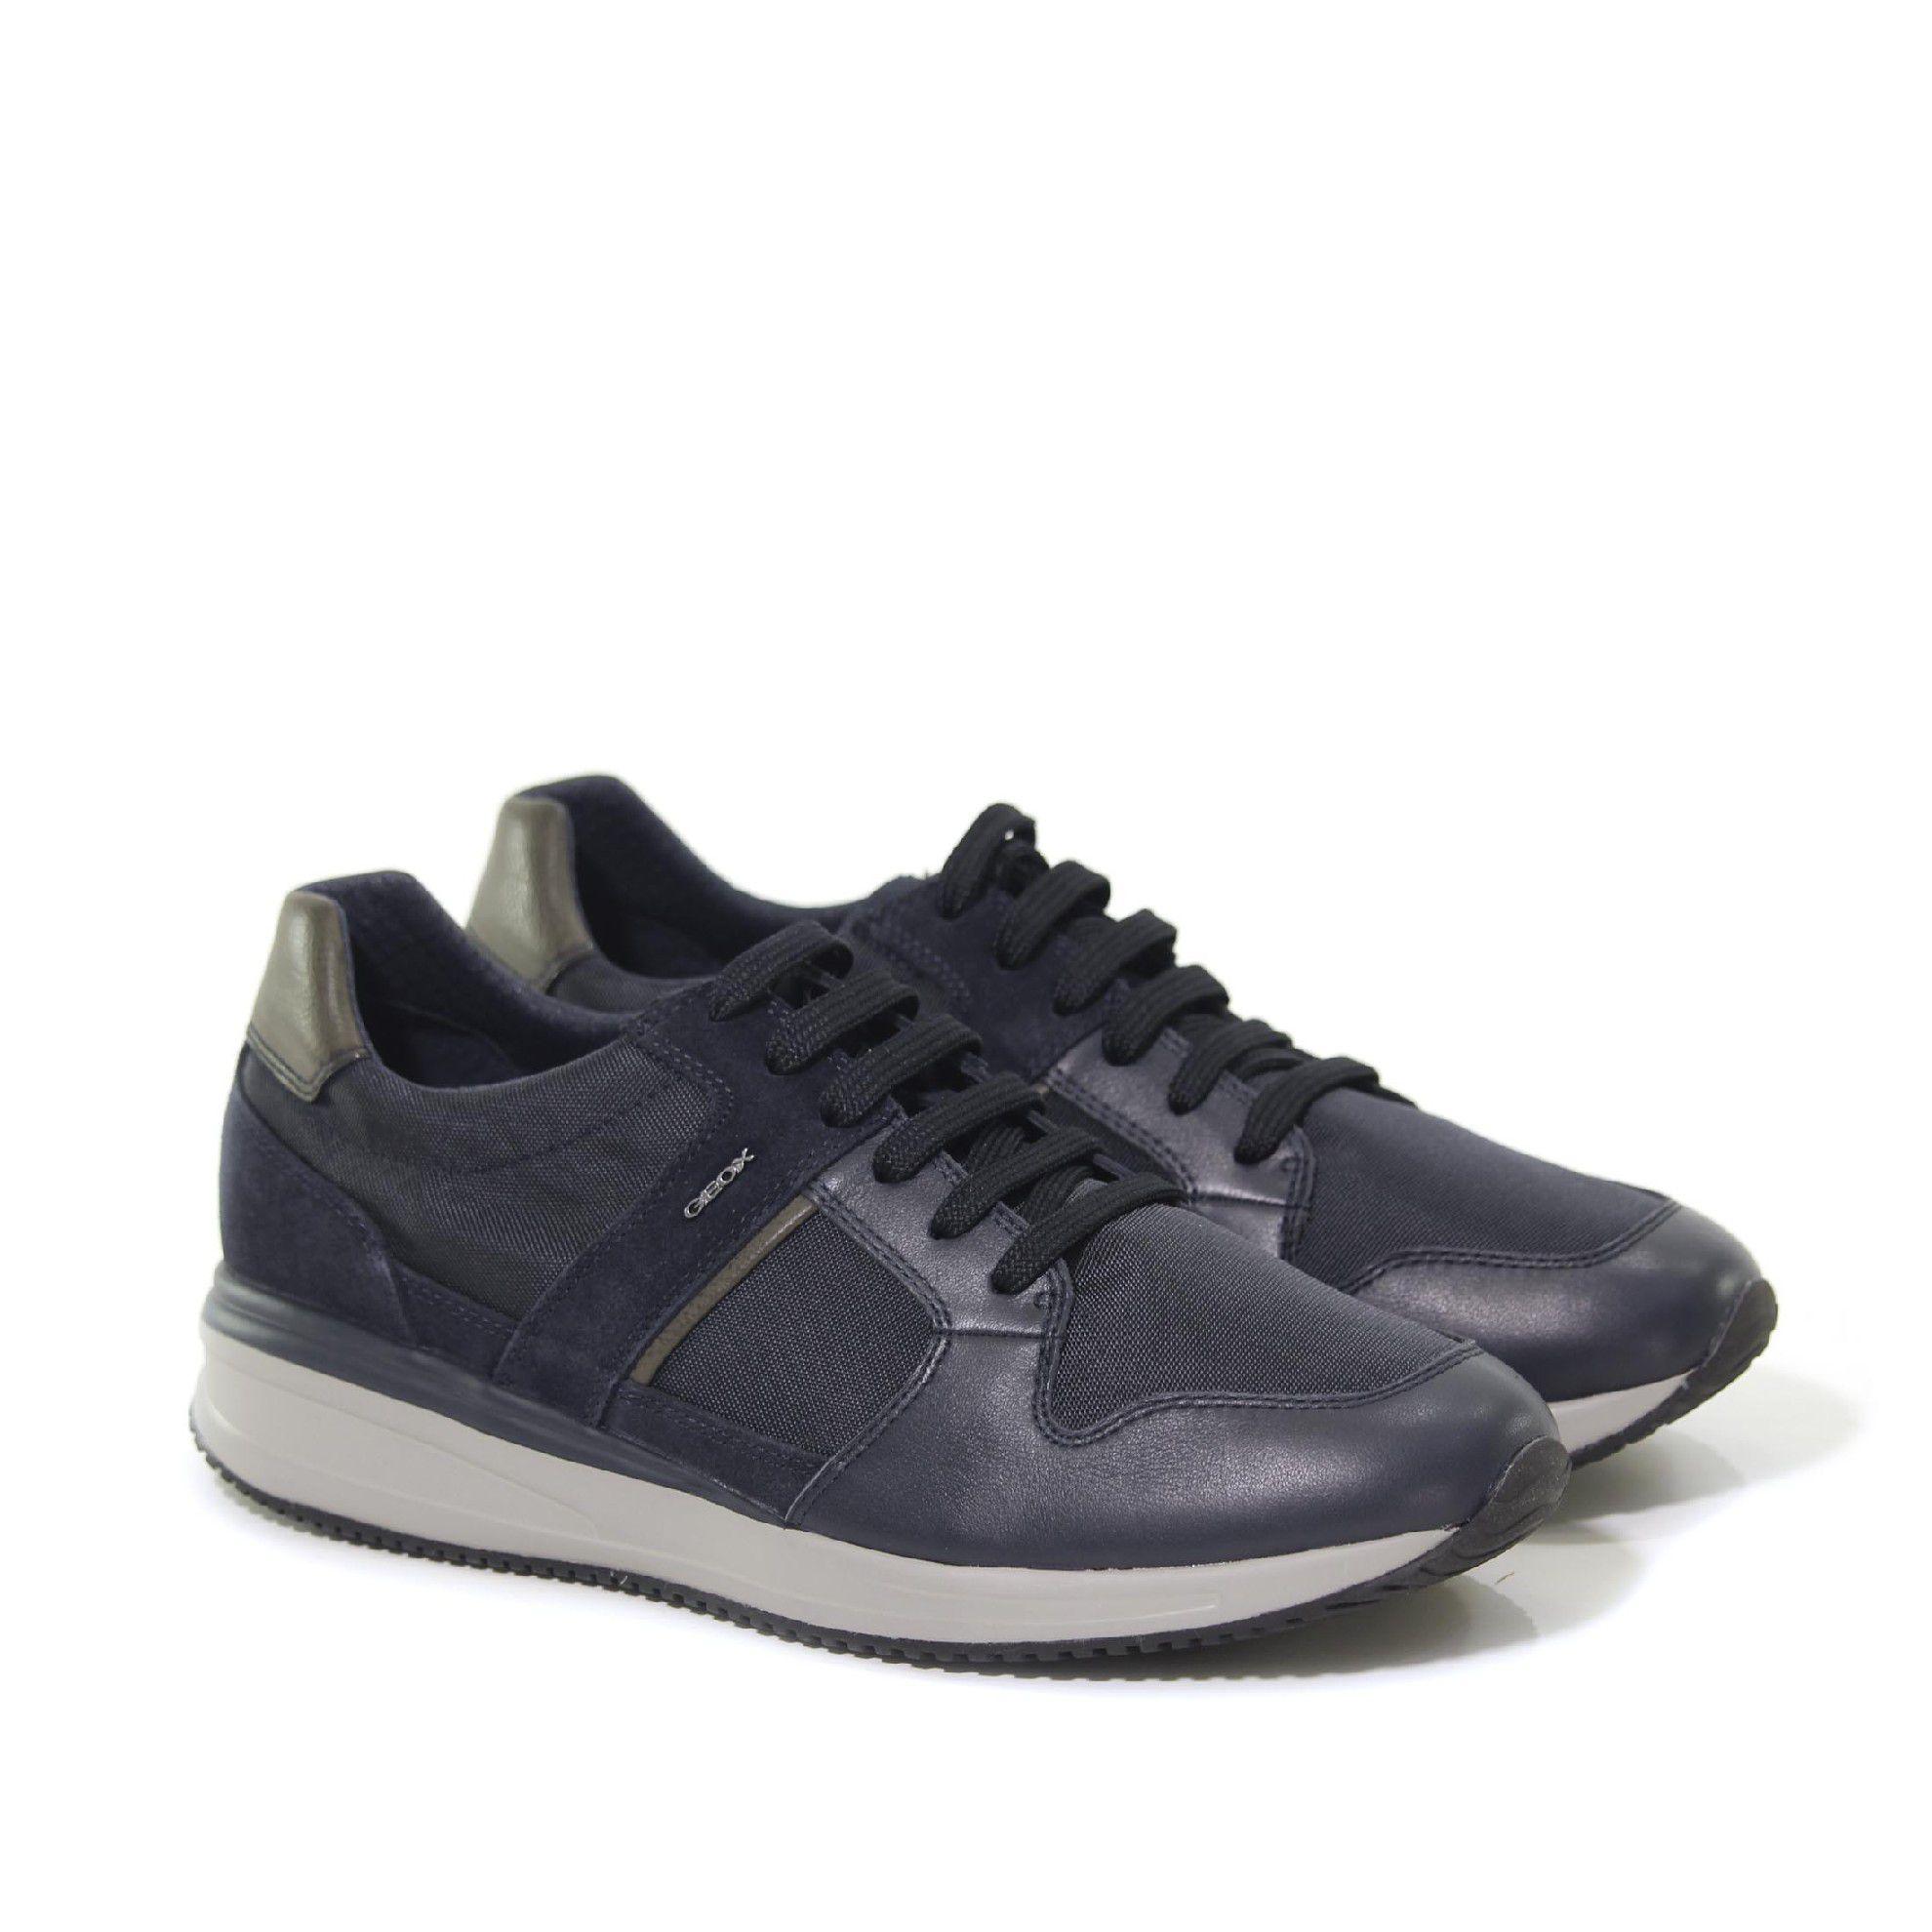 Geox sneaker dennie a in nappa e tessuto tecnico da uomo